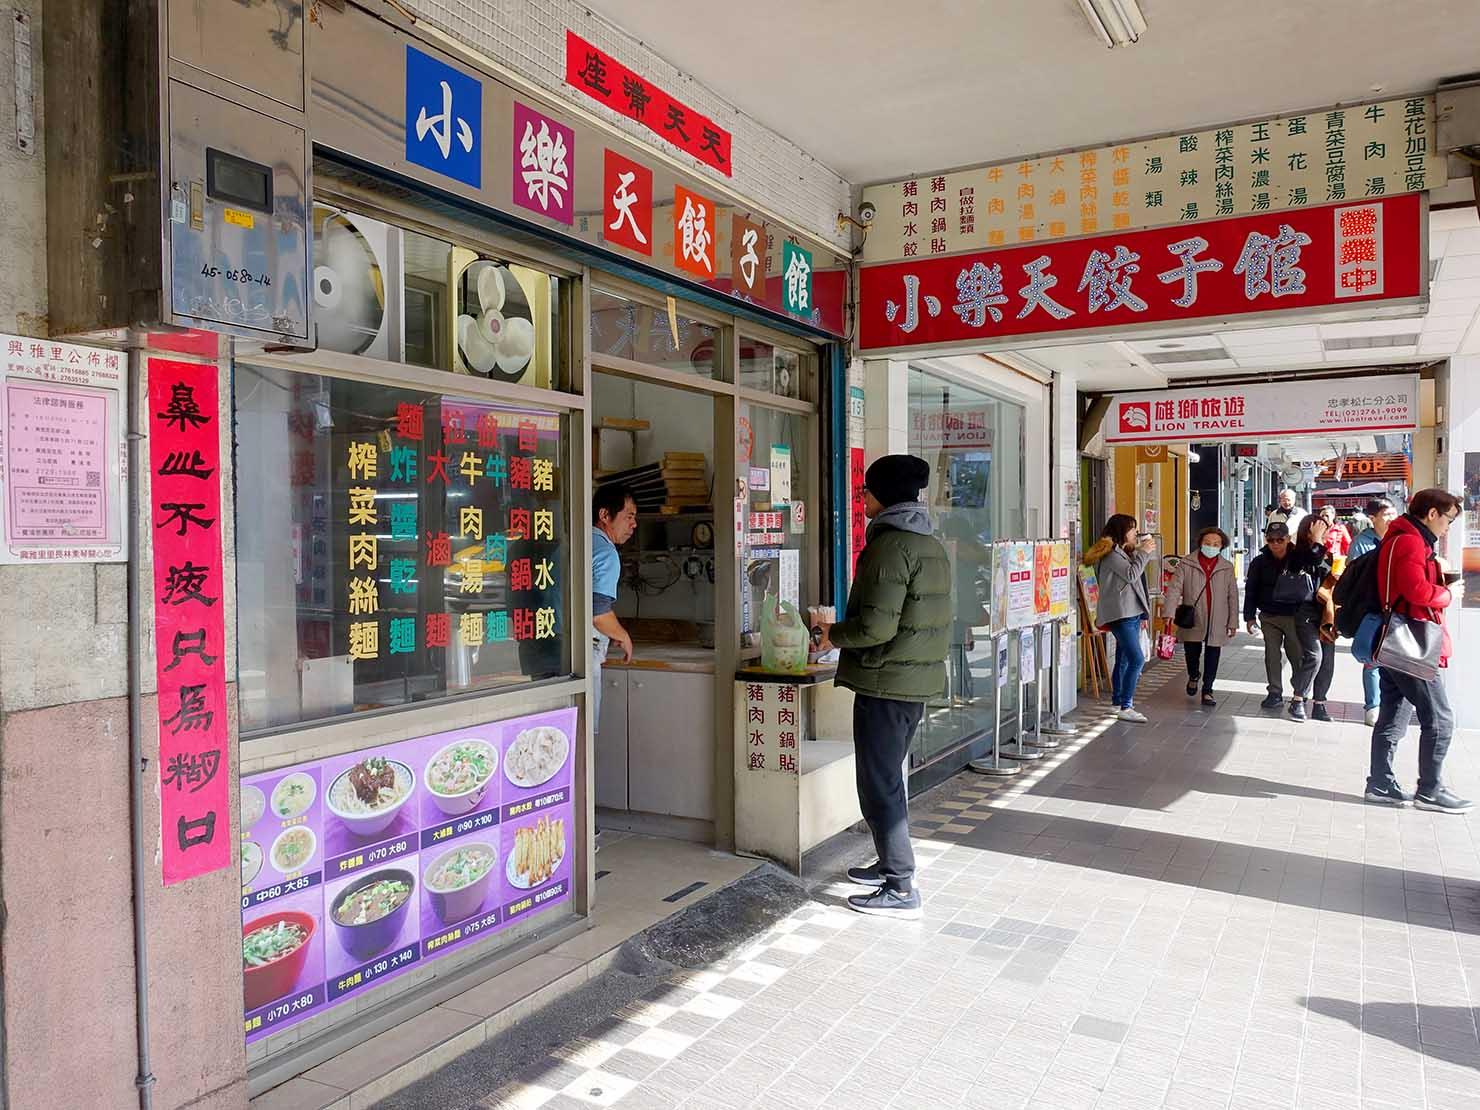 台北101エリア・市政府駅周辺のおすすめ台湾グルメ「小樂天餃子館」の外観